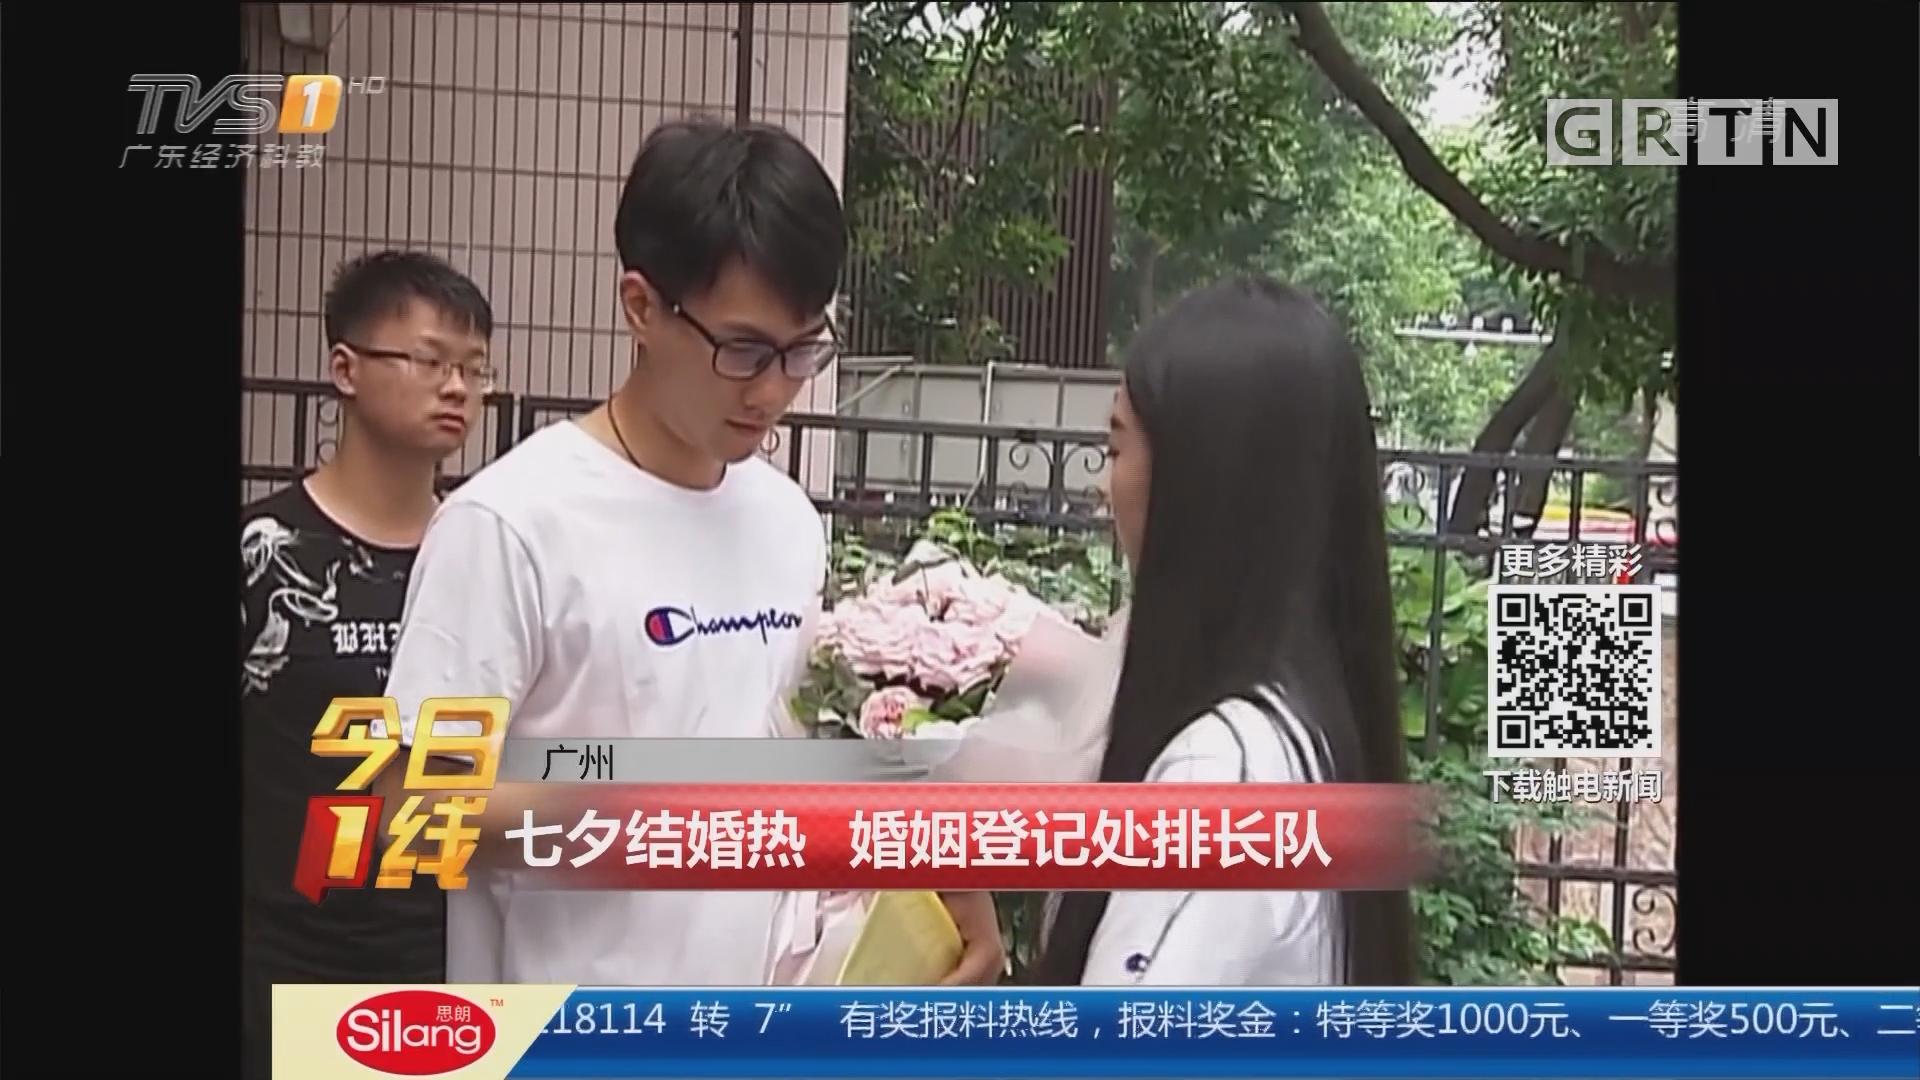 广州:七夕结婚热 婚姻登记处排长队